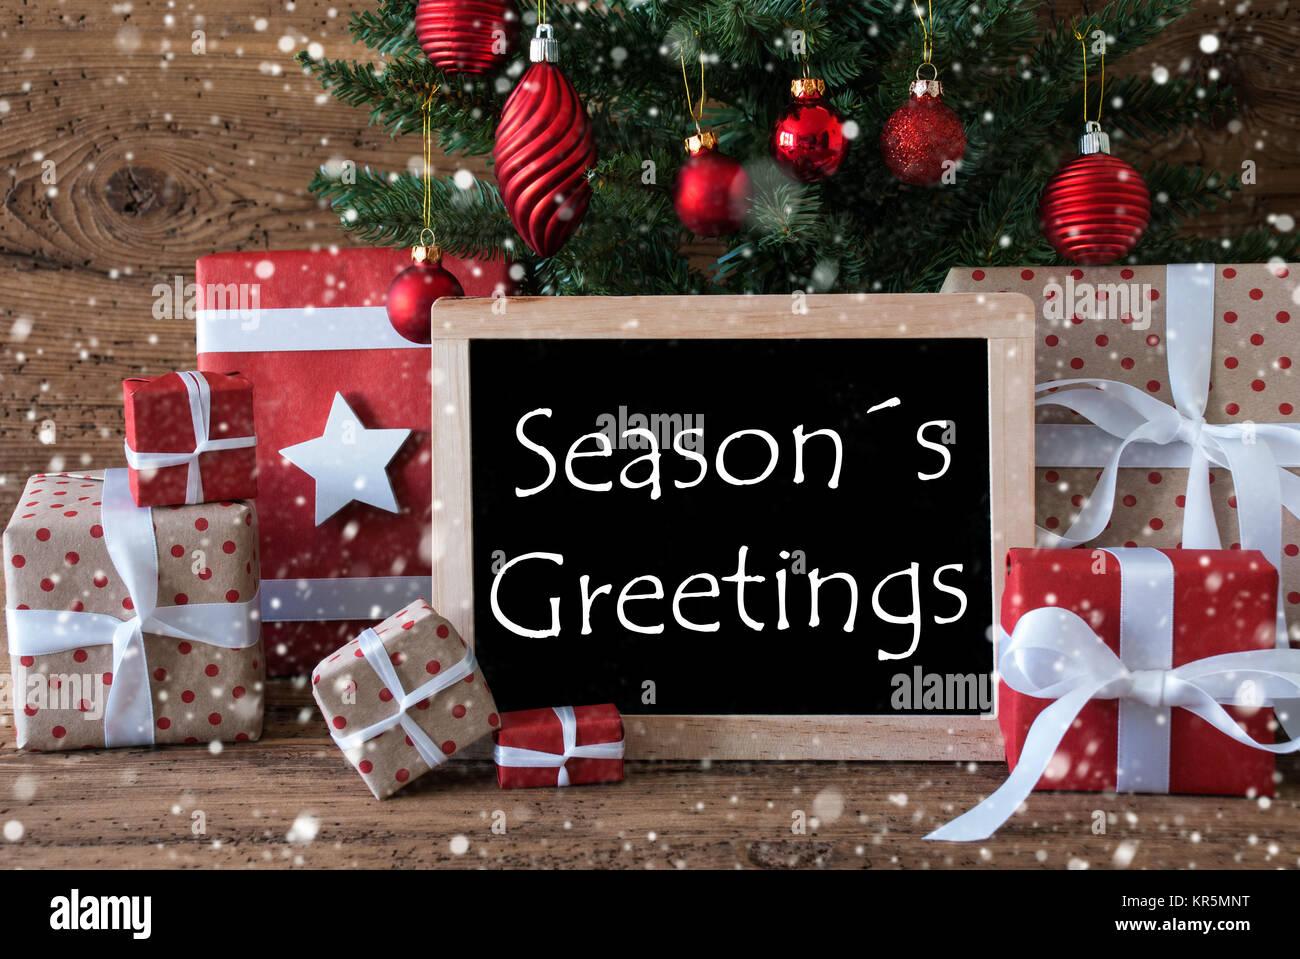 Christmas Xmas Card Seasons Greetings Stock Photos Christmas Xmas